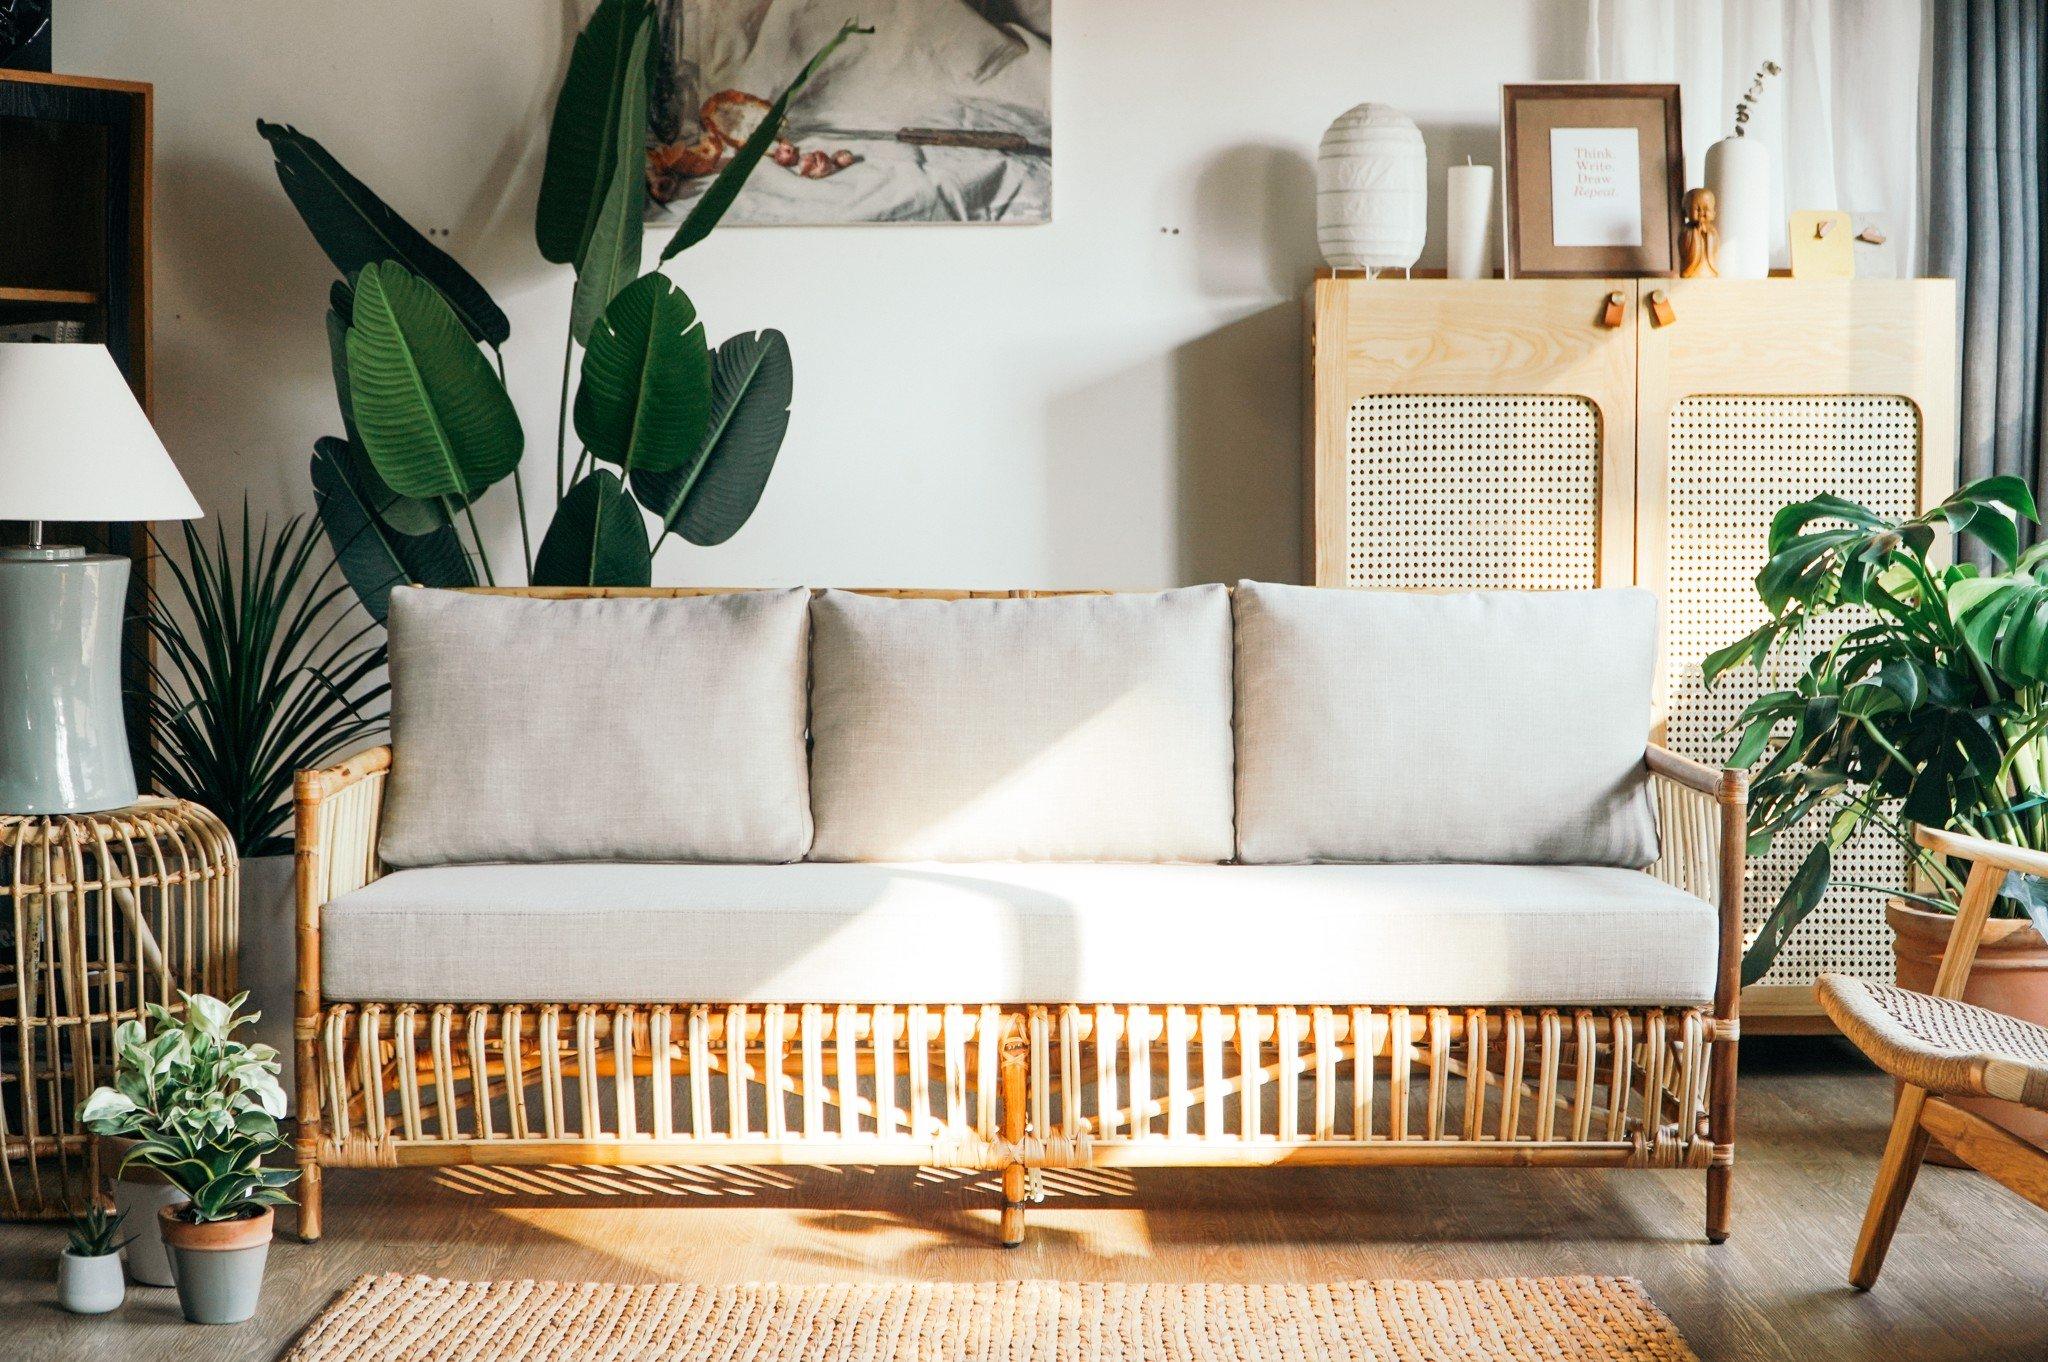 Nội thất mây tre - bộ sưu tập sofa mây, bàn ghế, tủ mây mới nhất từ Đê –  DemTrangHome